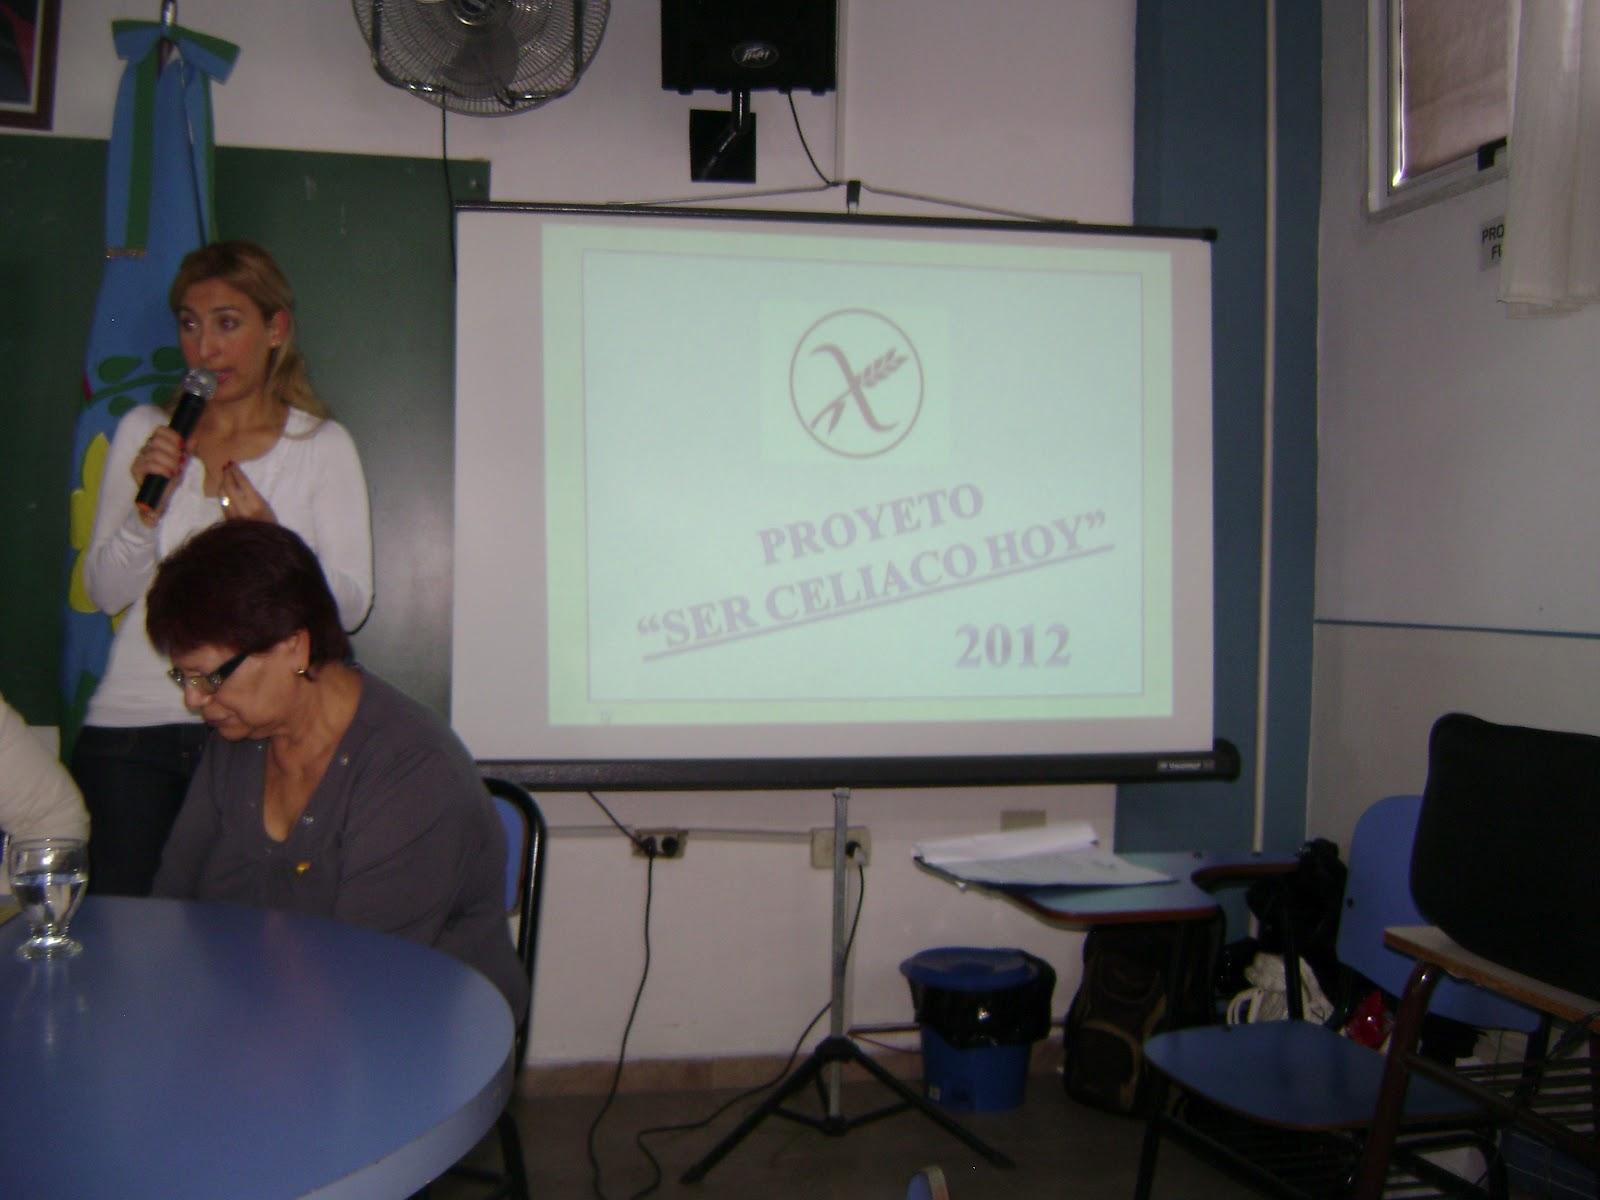 Grupo Celiacomania Proyecto Ser Cel Aco Hoy De Jos C Paz